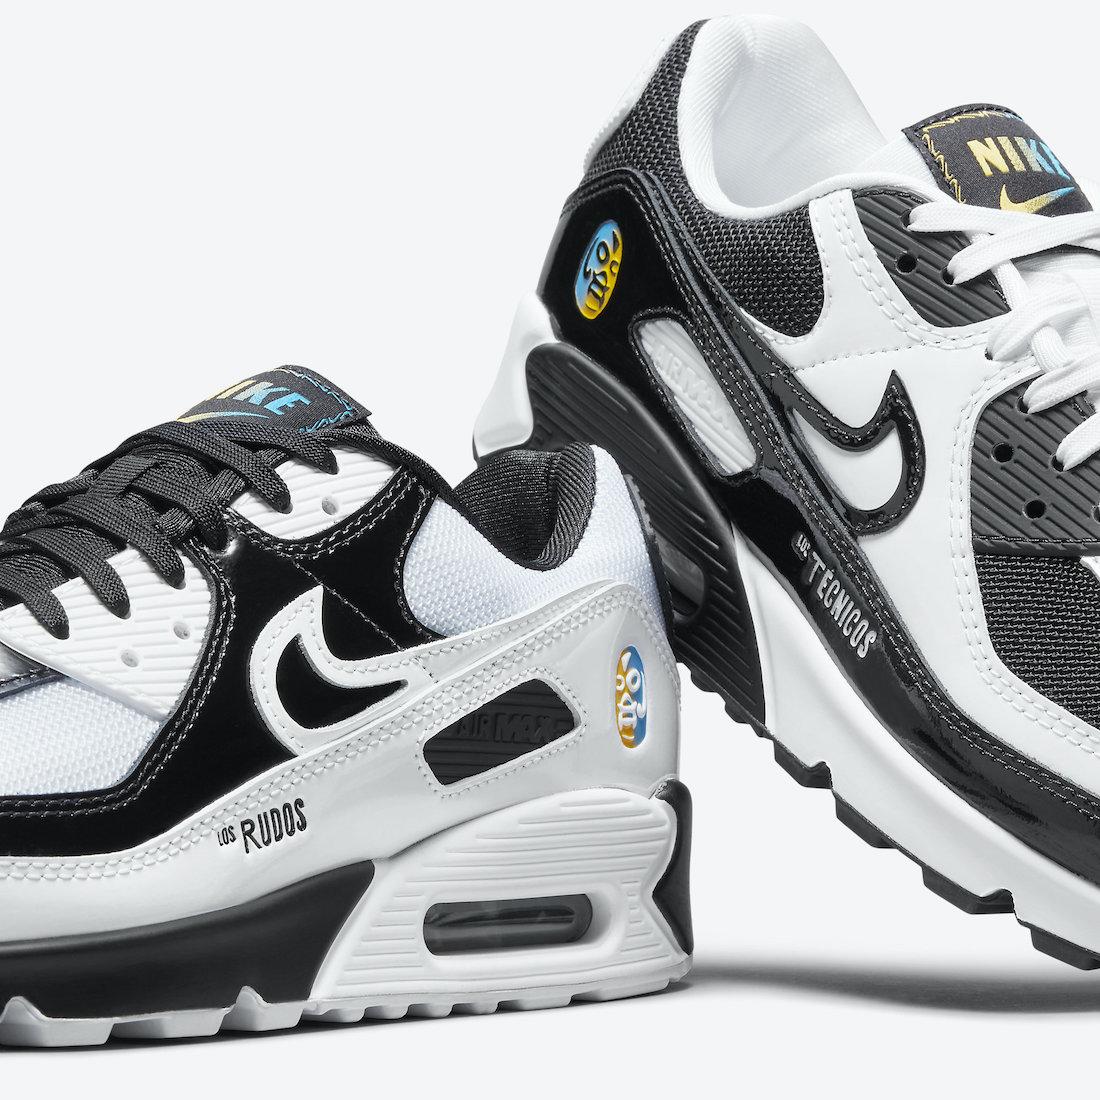 Nike Air Max 90 Lucha Libre DM6178-010 Release Date Info